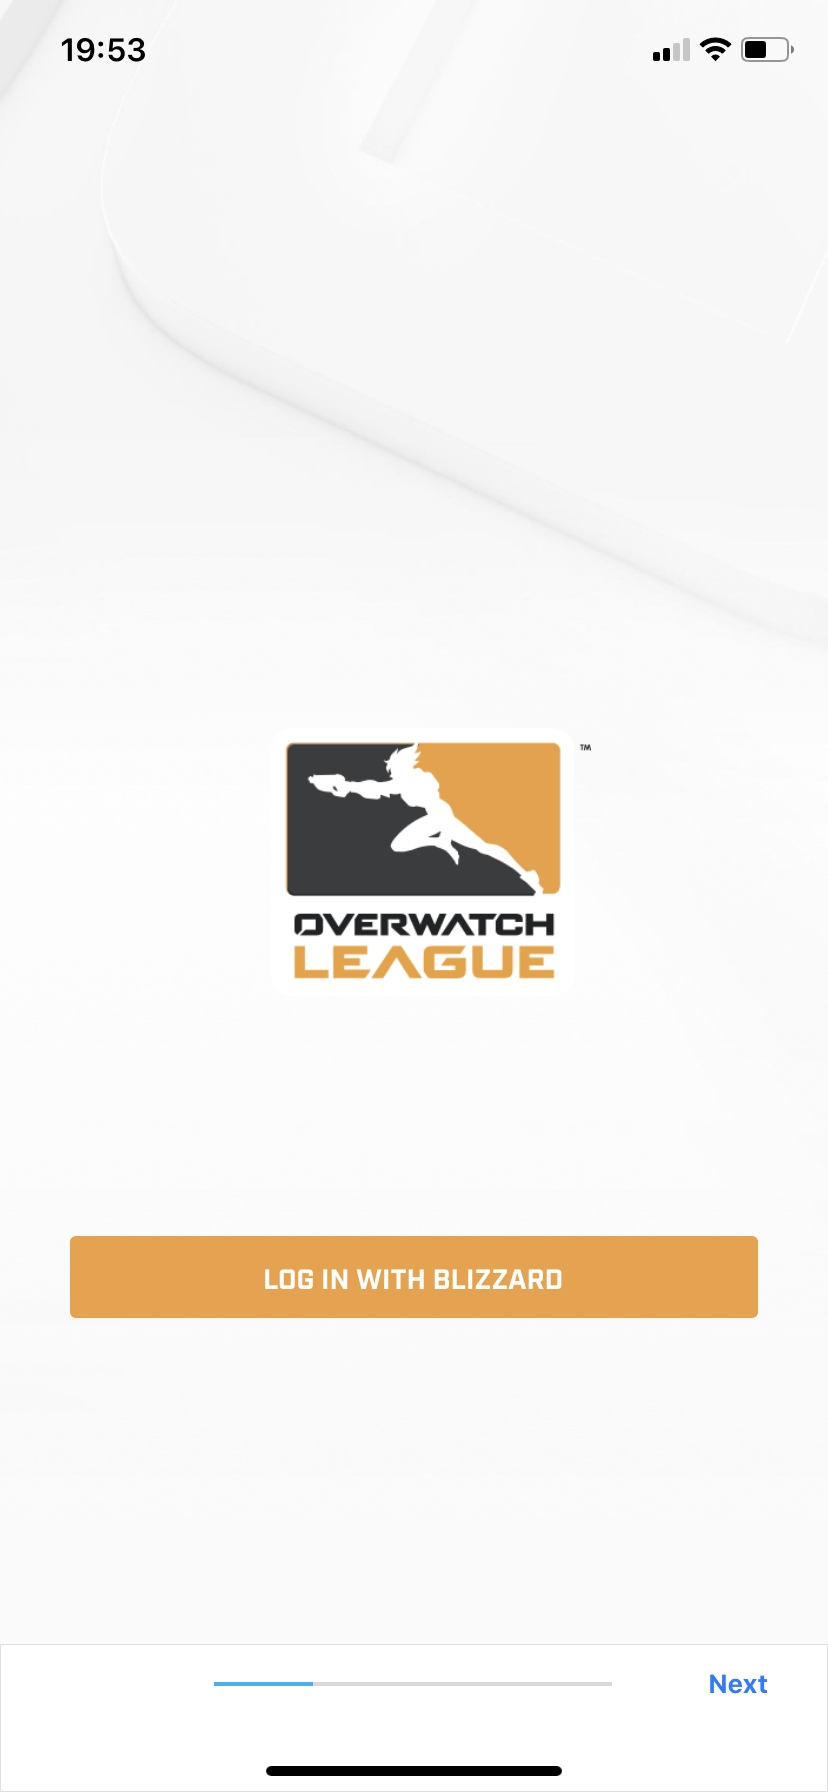 Как получать жетоны Лиги Overwatch за просмотр матчей — 2020, изображение №7